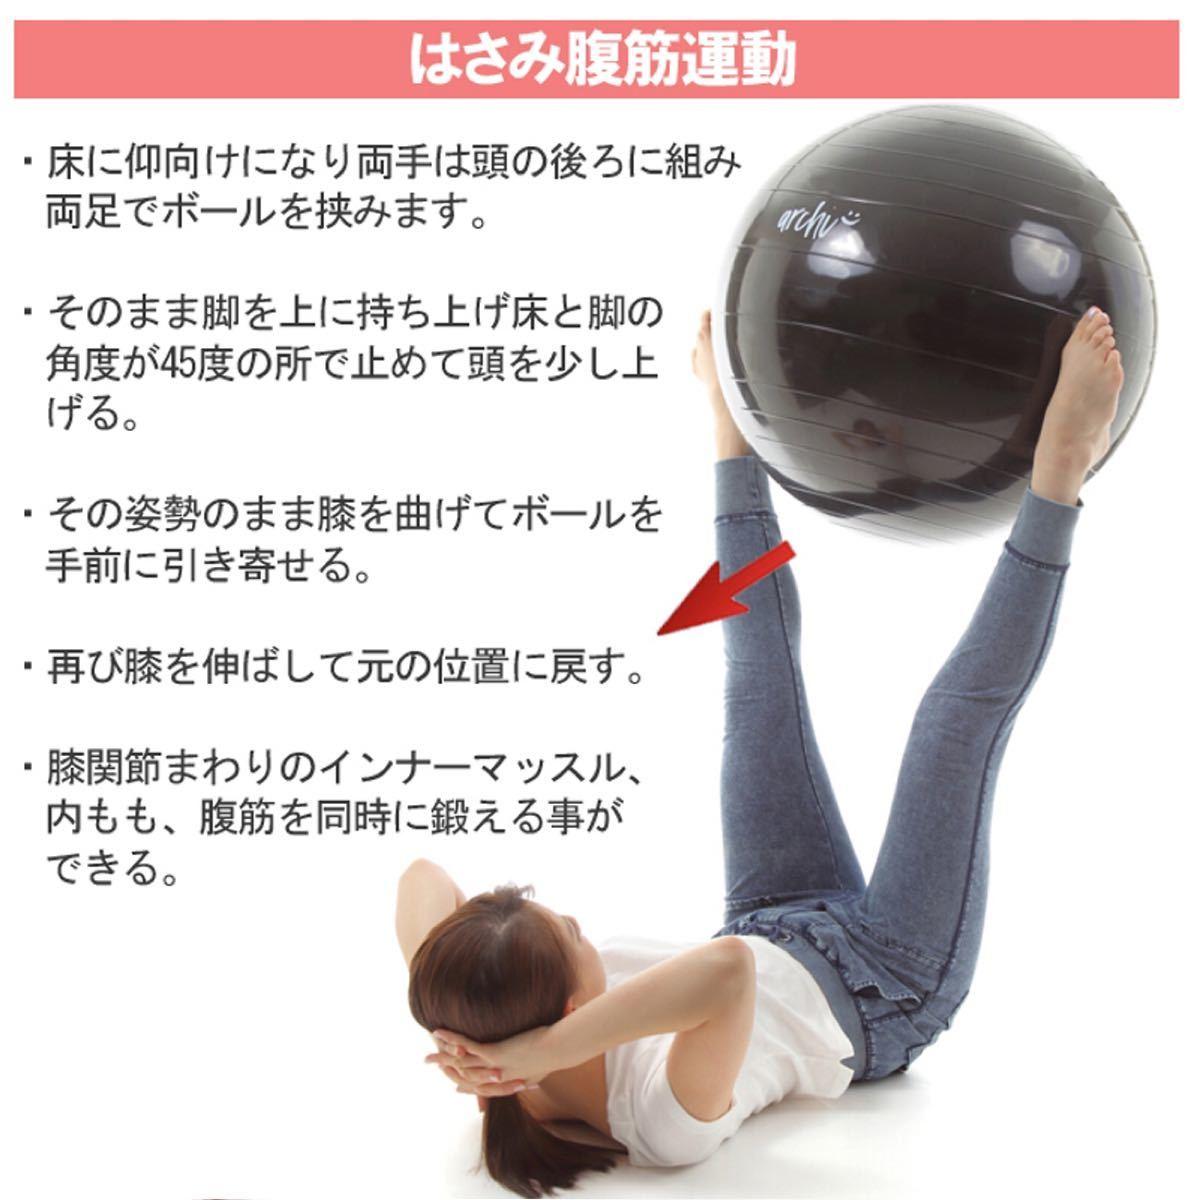 バランスボール 65cm エクササイズ ヨガ フィットネスボール 体幹トレーニン